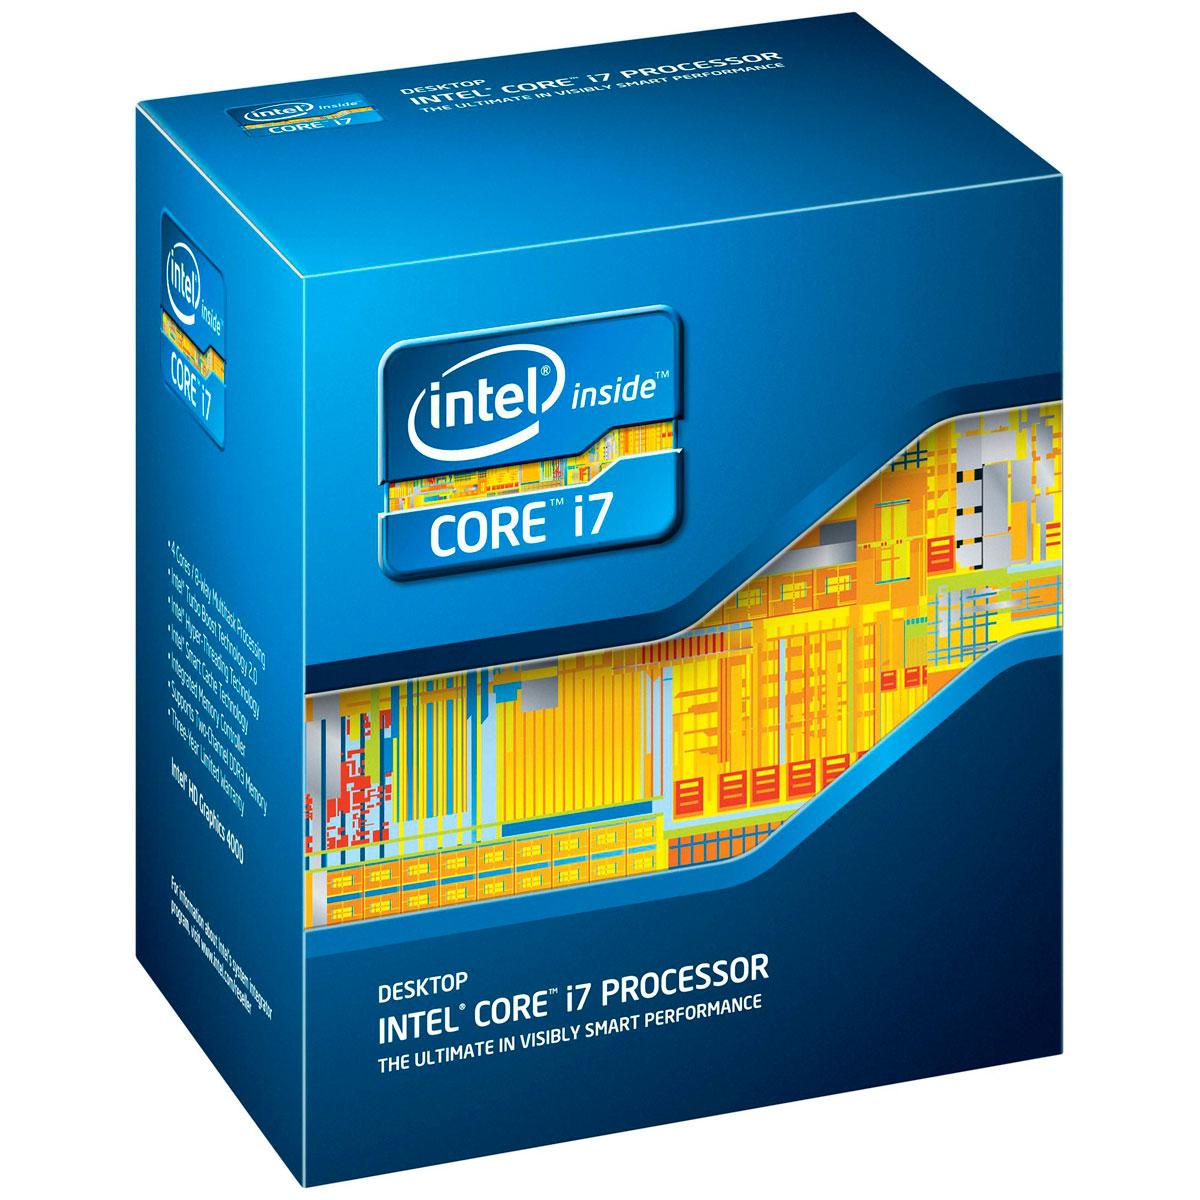 Processeur Intel Core i7-3770 (3.4 GHz) Processeur Quad Core Socket 1155 Cache L3 8 Mo Intel HD Graphics 4000 0.022 micron (version boîte - garantie Intel 3 ans)